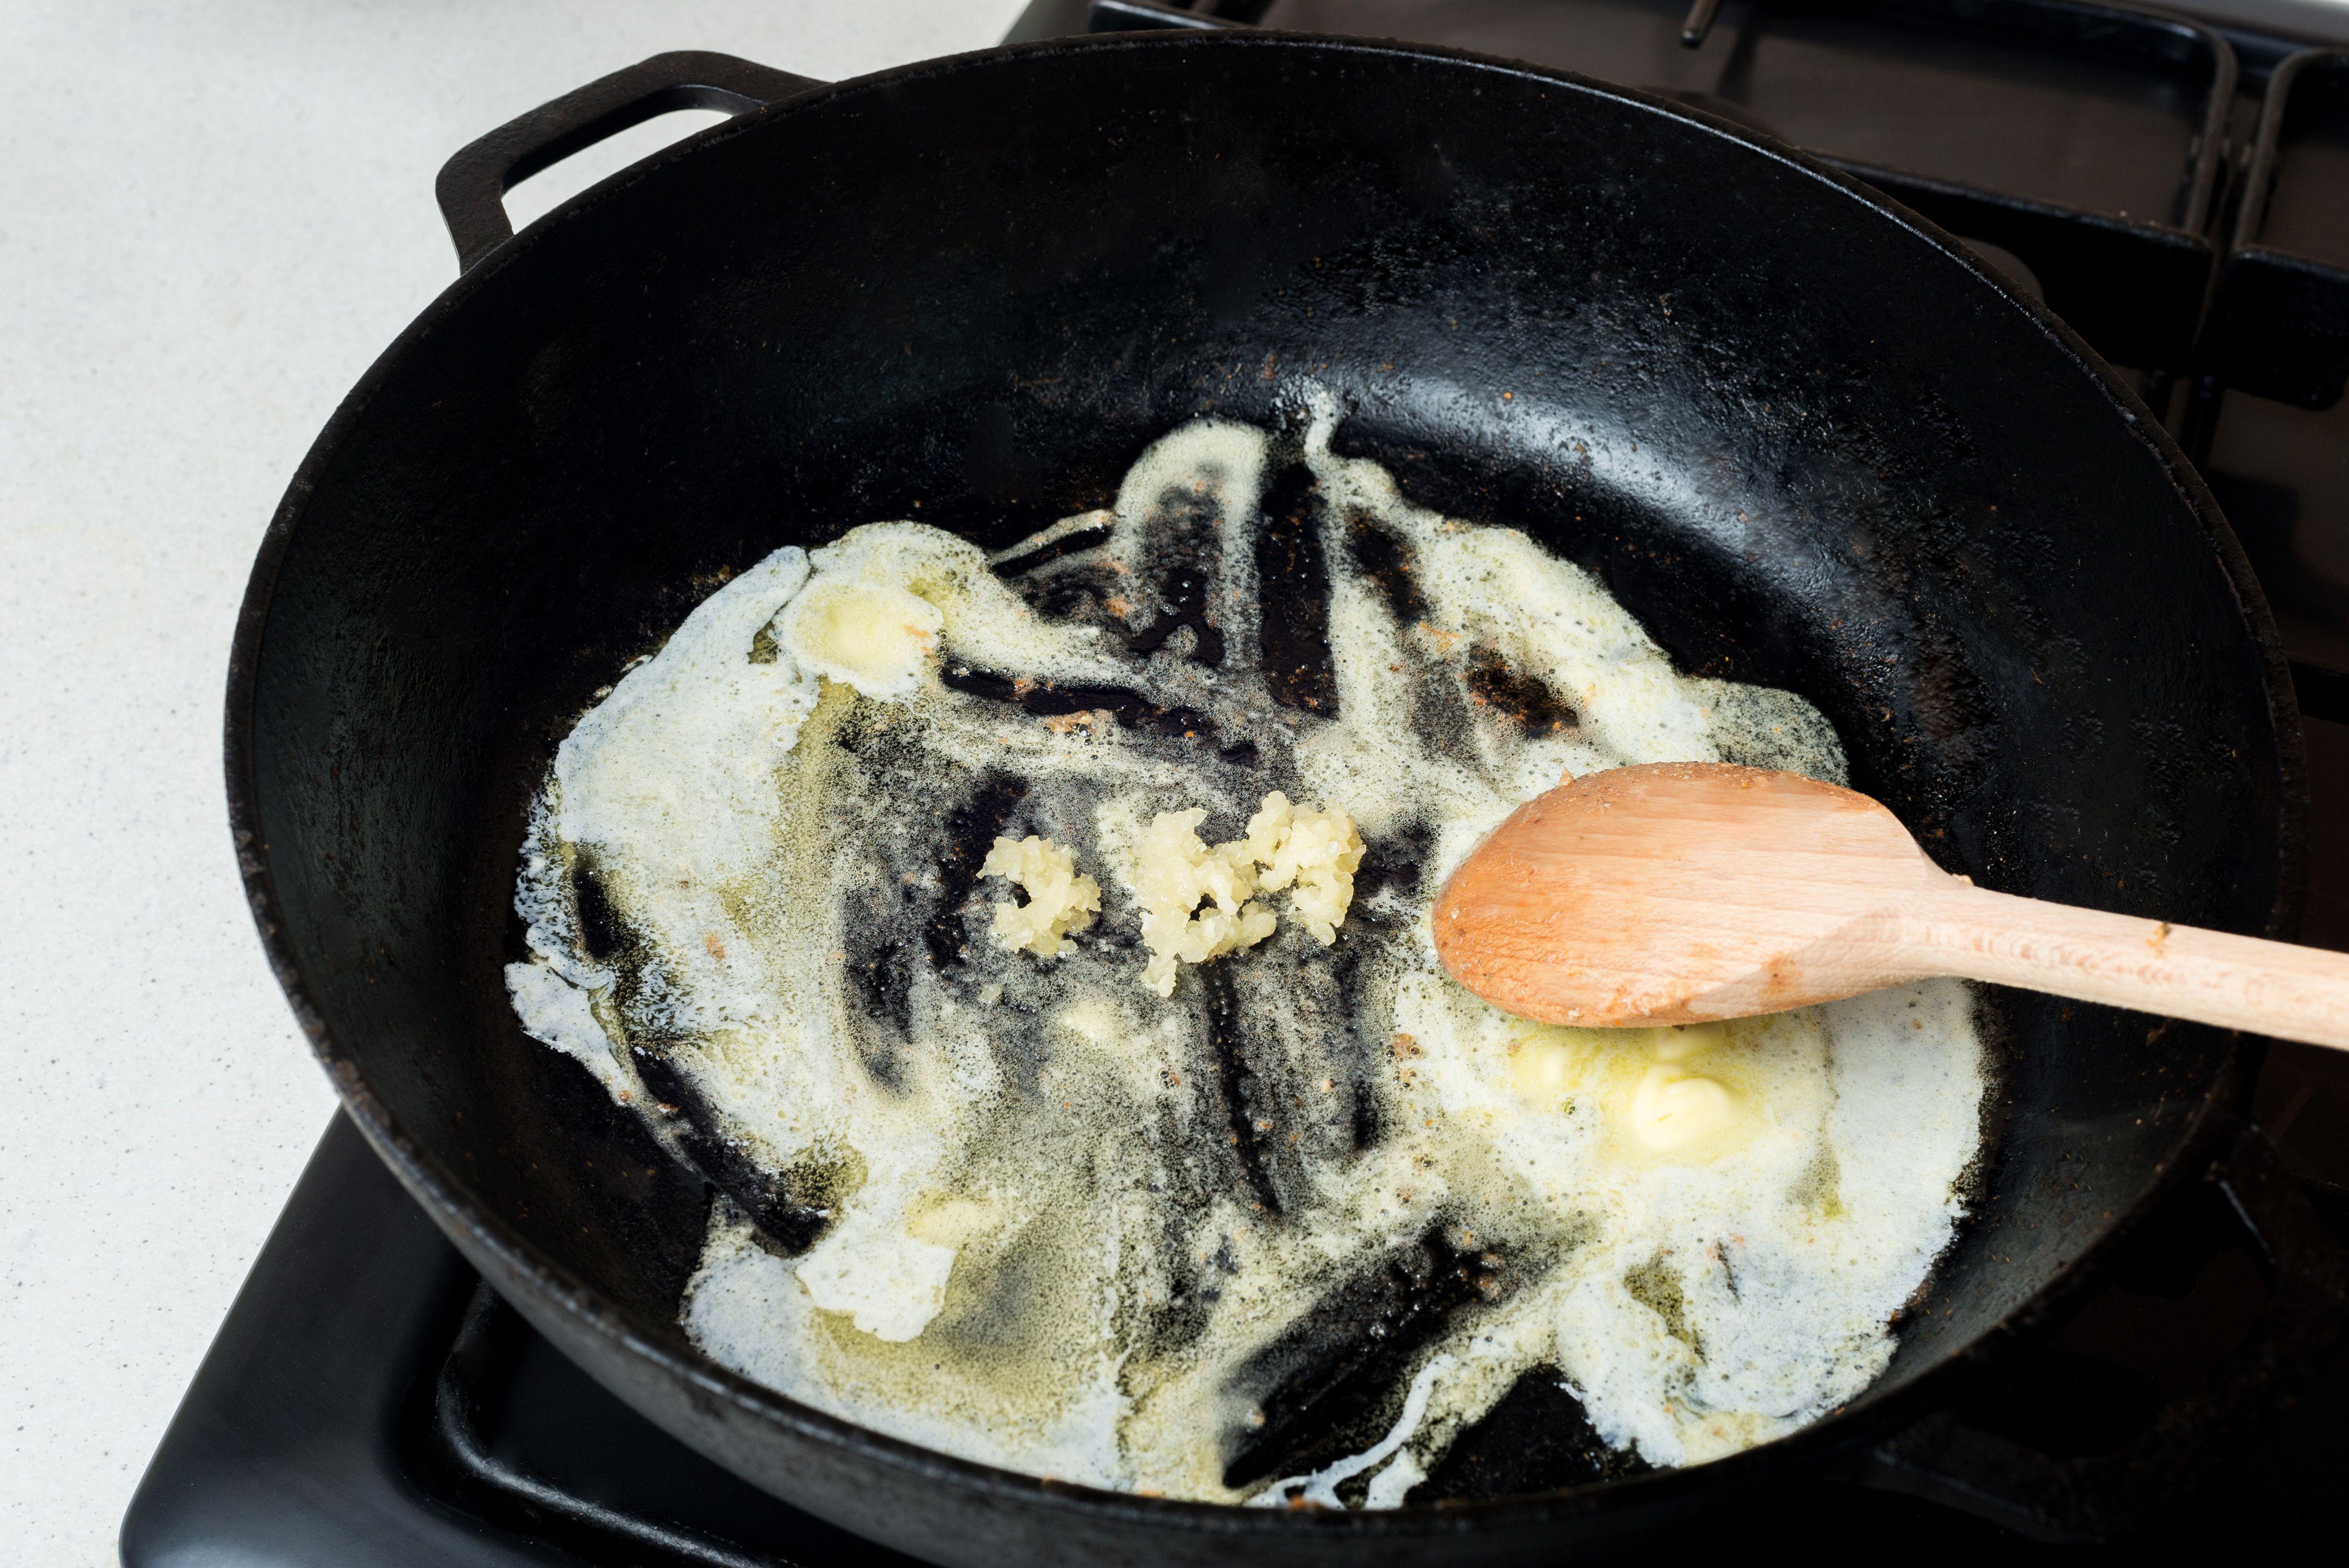 Melt the butter add minced garlic